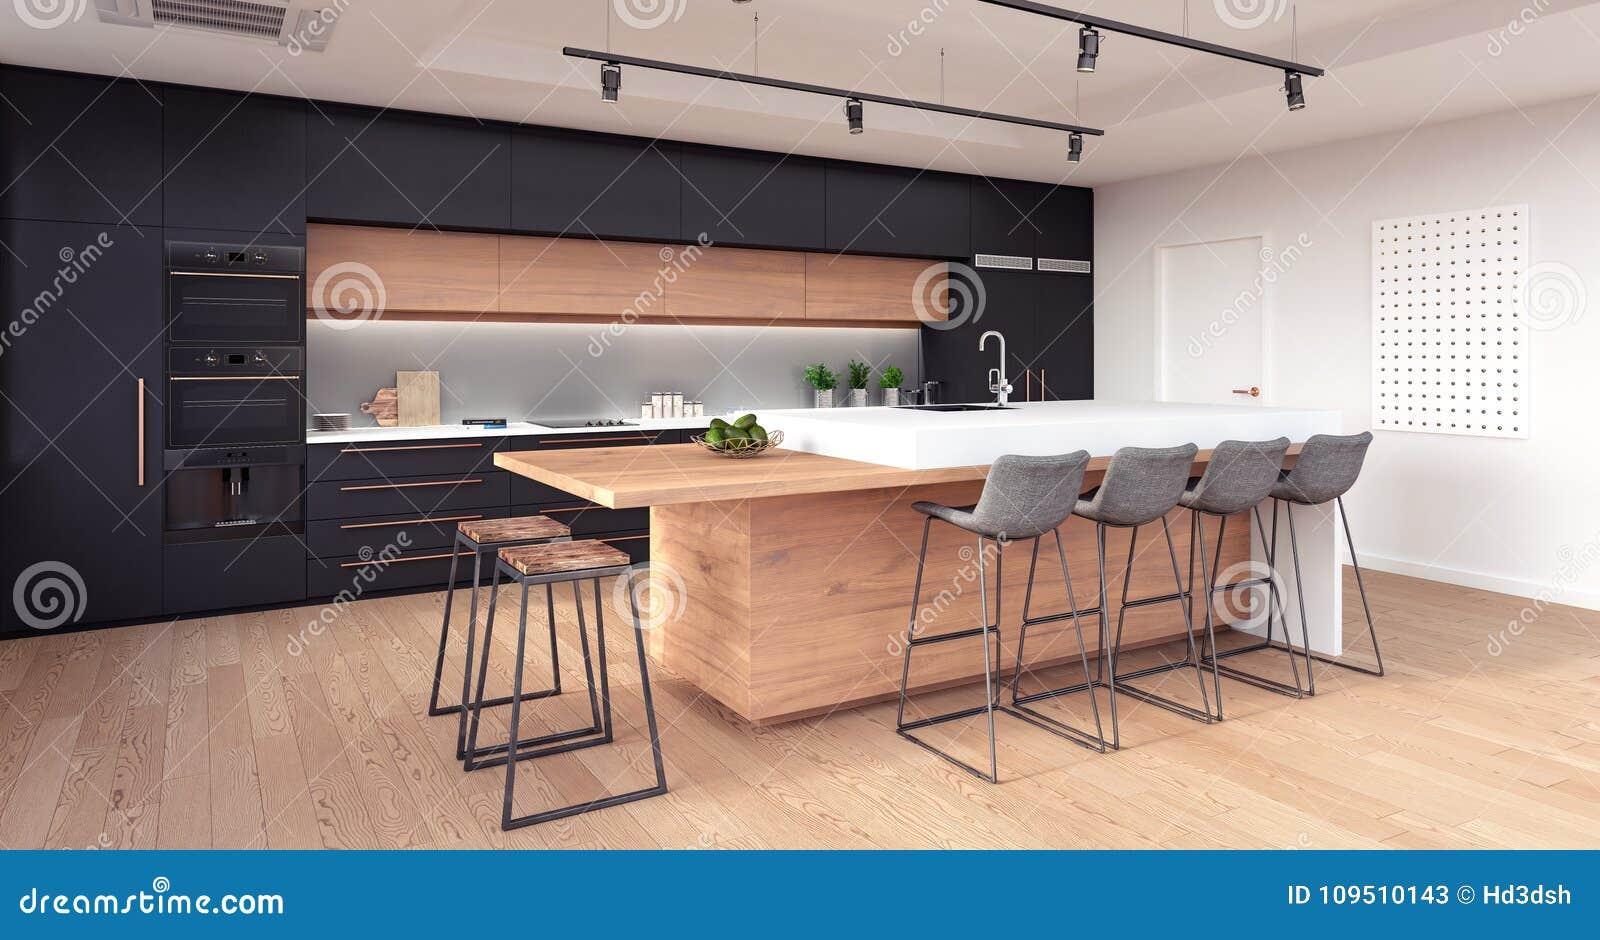 Diseño Interior De La Cocina Moderna Imagen de archivo - Imagen de ...